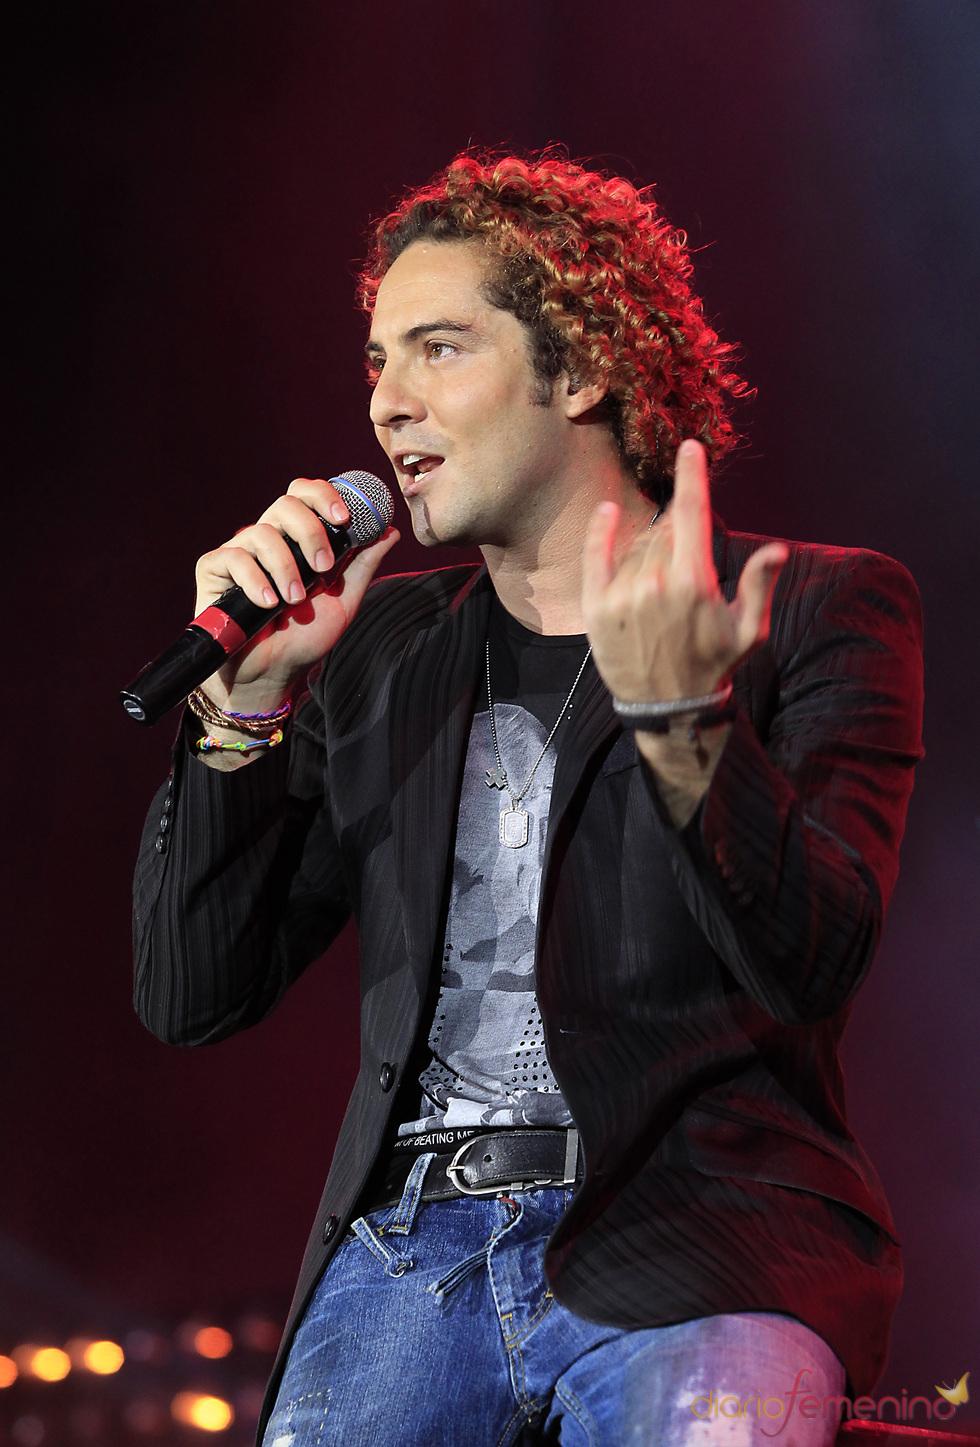 David Bisbal en el concierto 'Lorca somos todos' en Murcia